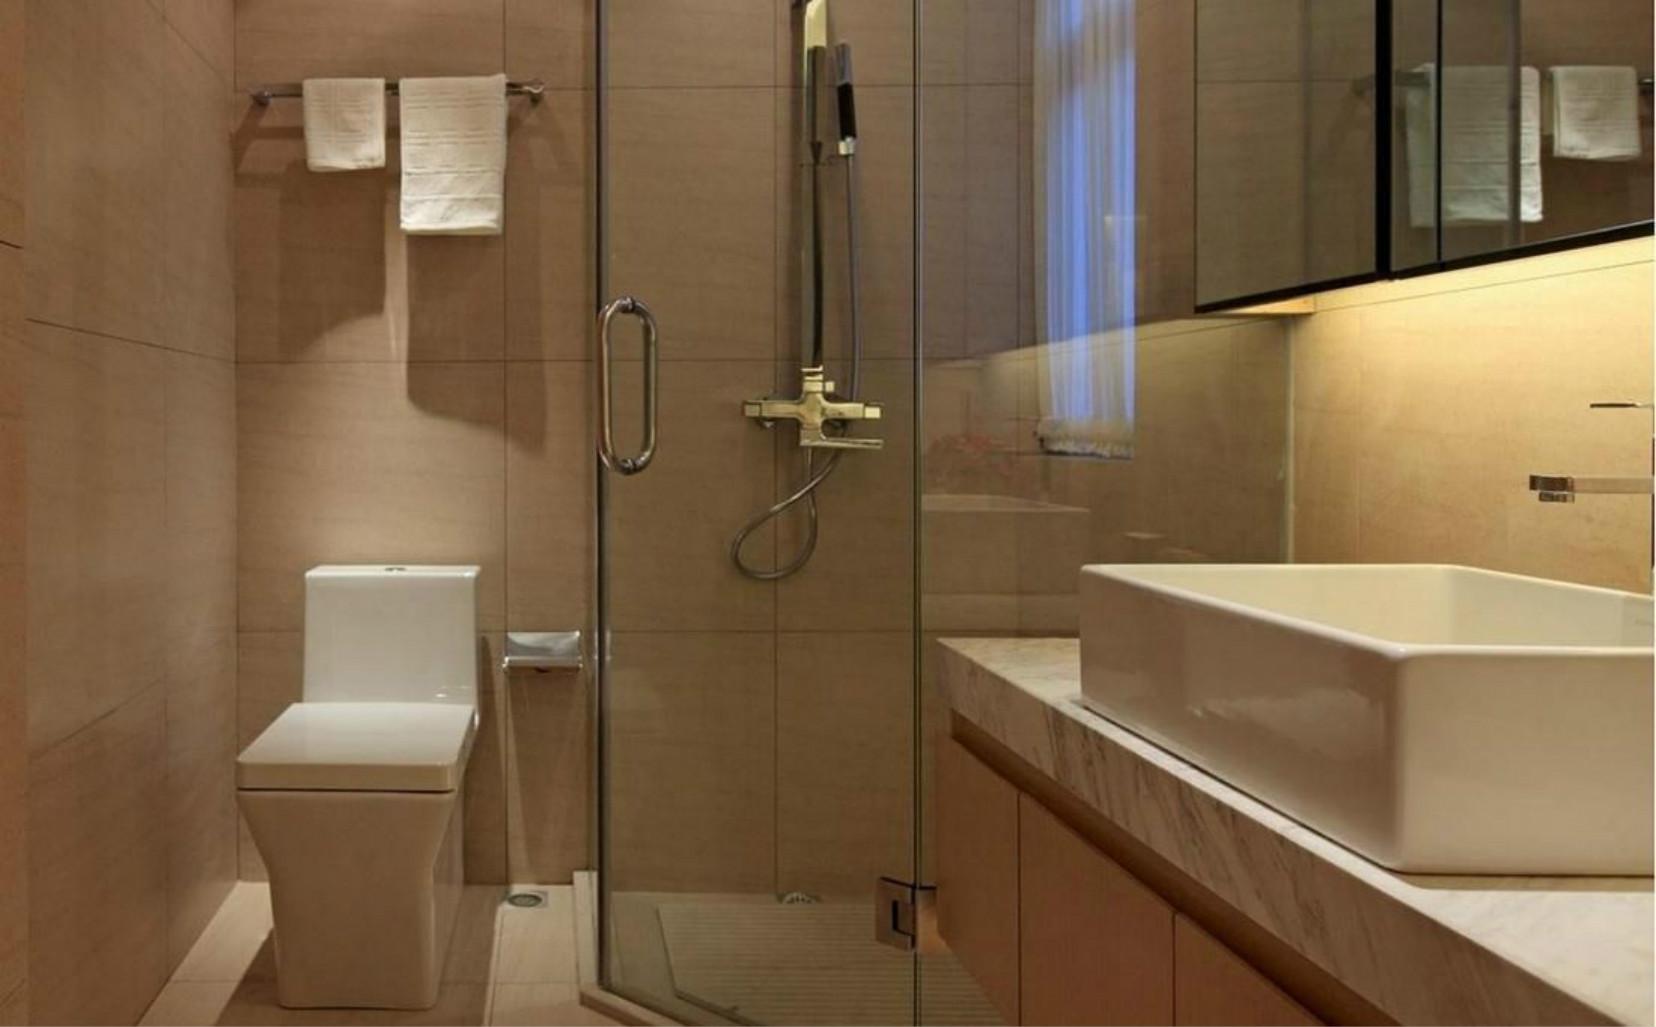 卫生间的空间设计崇尚庄重和优雅,采用对称的空间构图方式,笔彩庄重而简练,空间气氛宁静雅致而简朴。